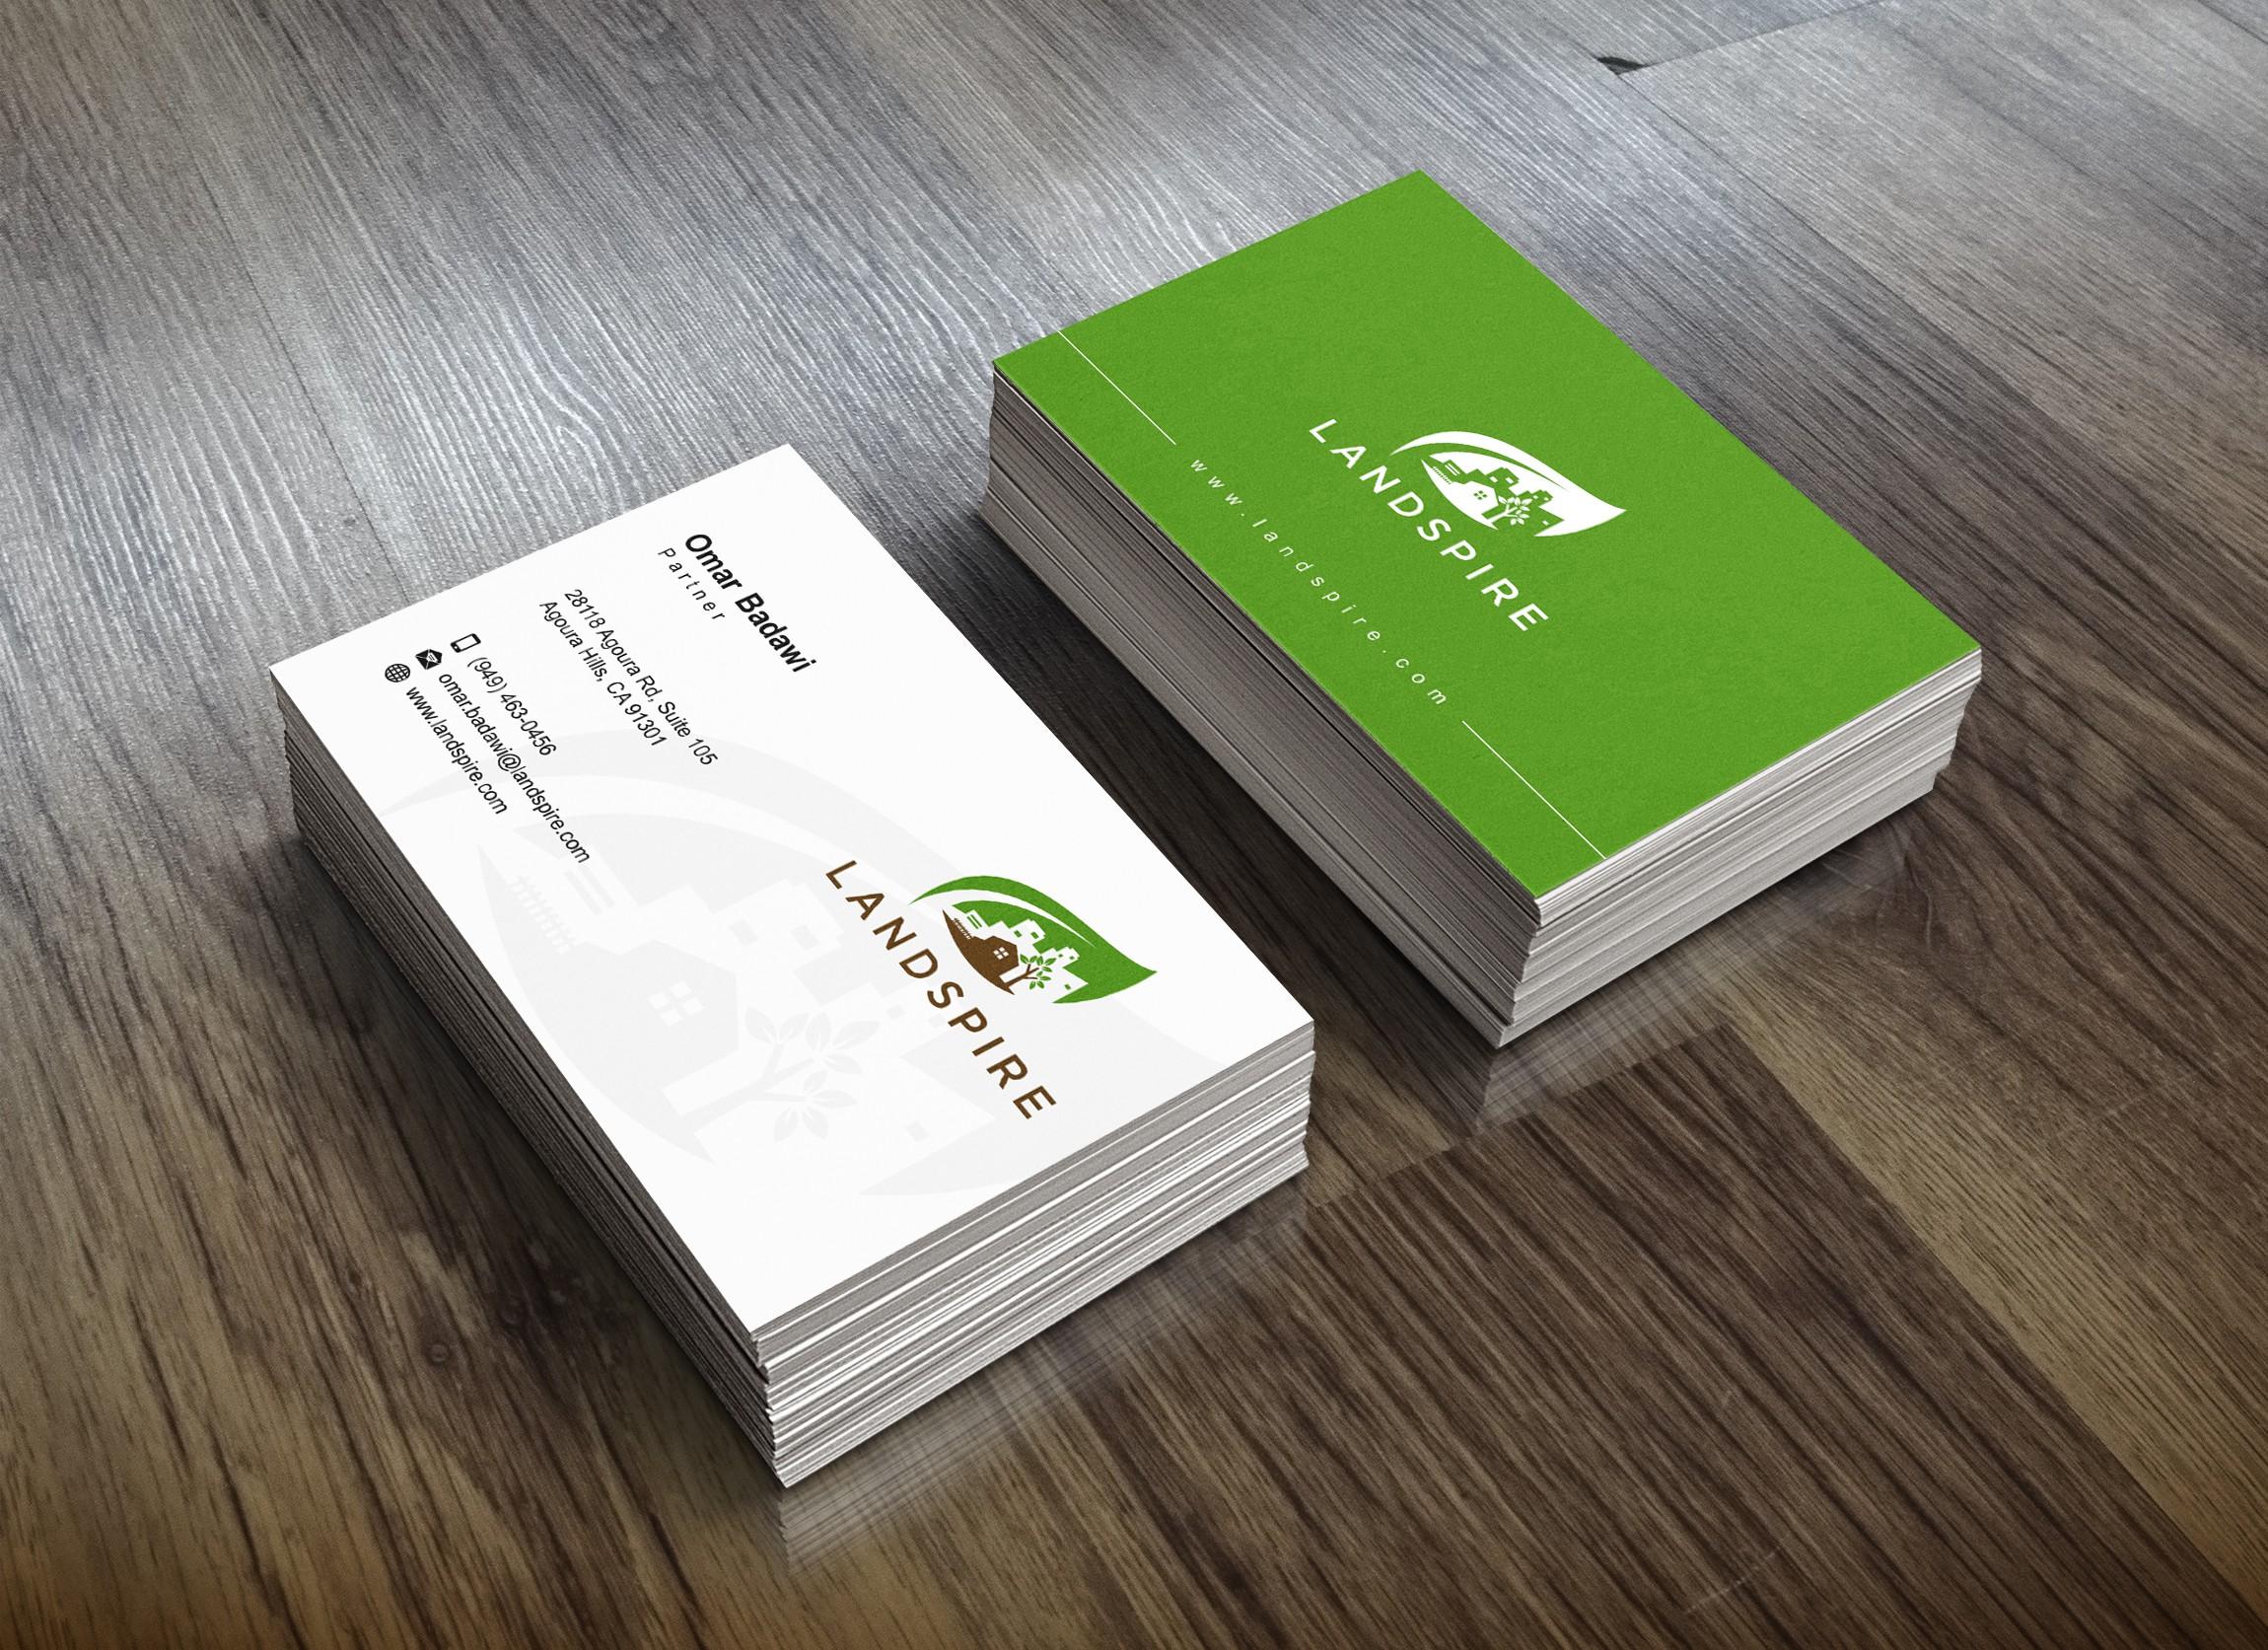 Business Card Design for Landspire